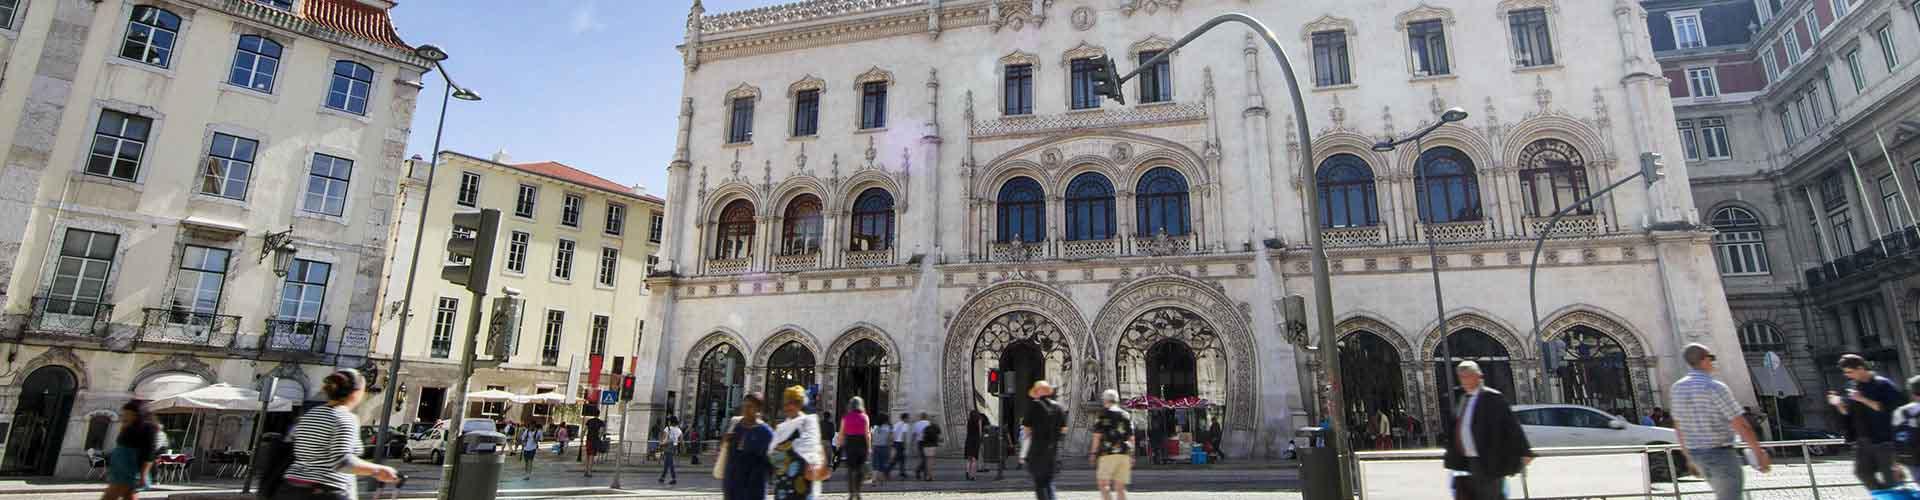 Lisbonne - Appartements près de Gare de Rossio. Cartes pour Lisbonne, photos et commentaires pour chaque appartement à Lisbonne.